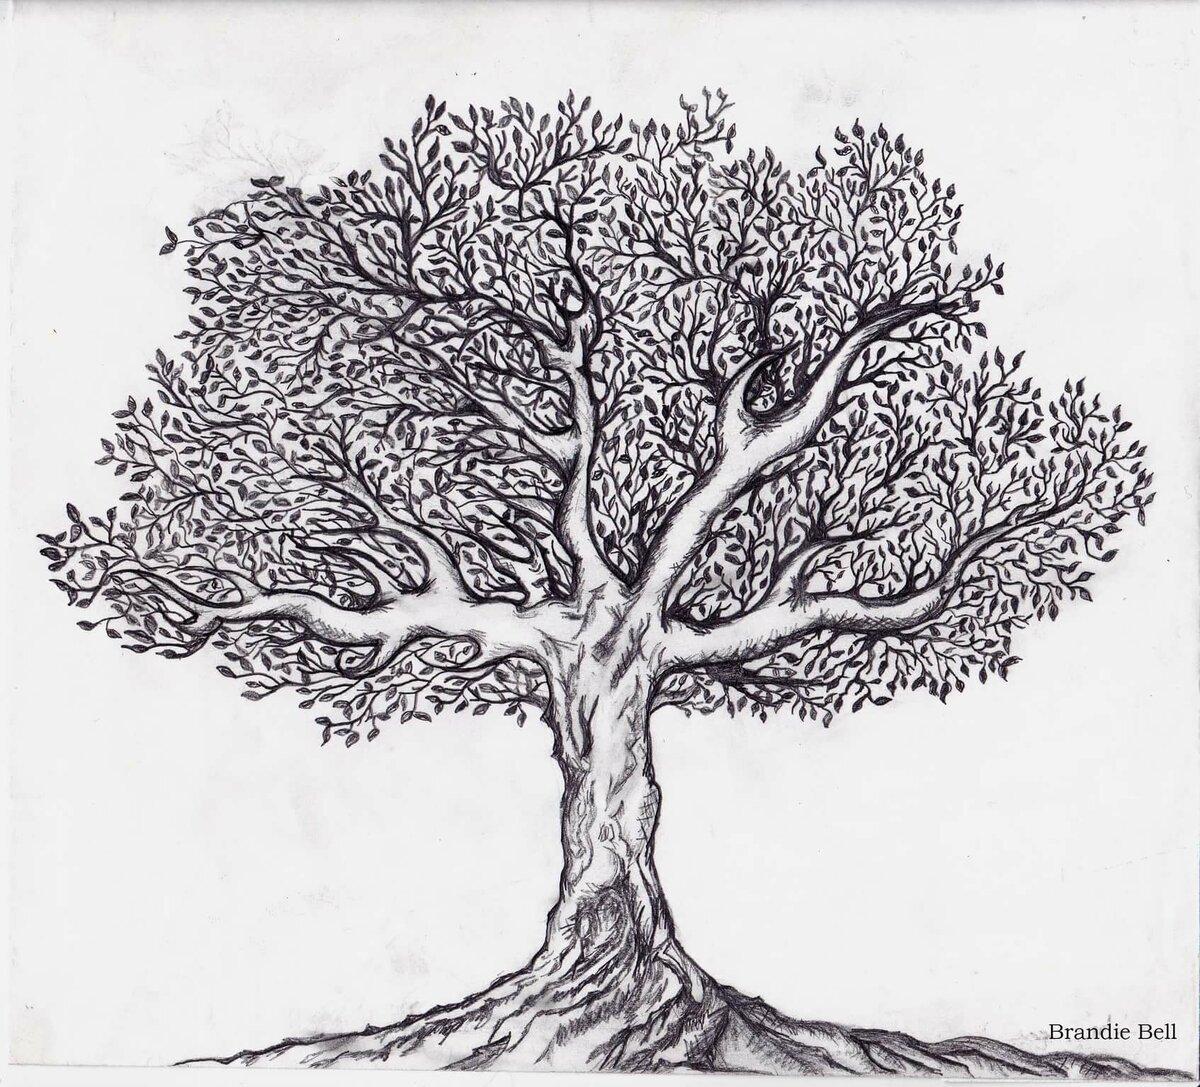 дерево рисунок графика организациях ип, которых